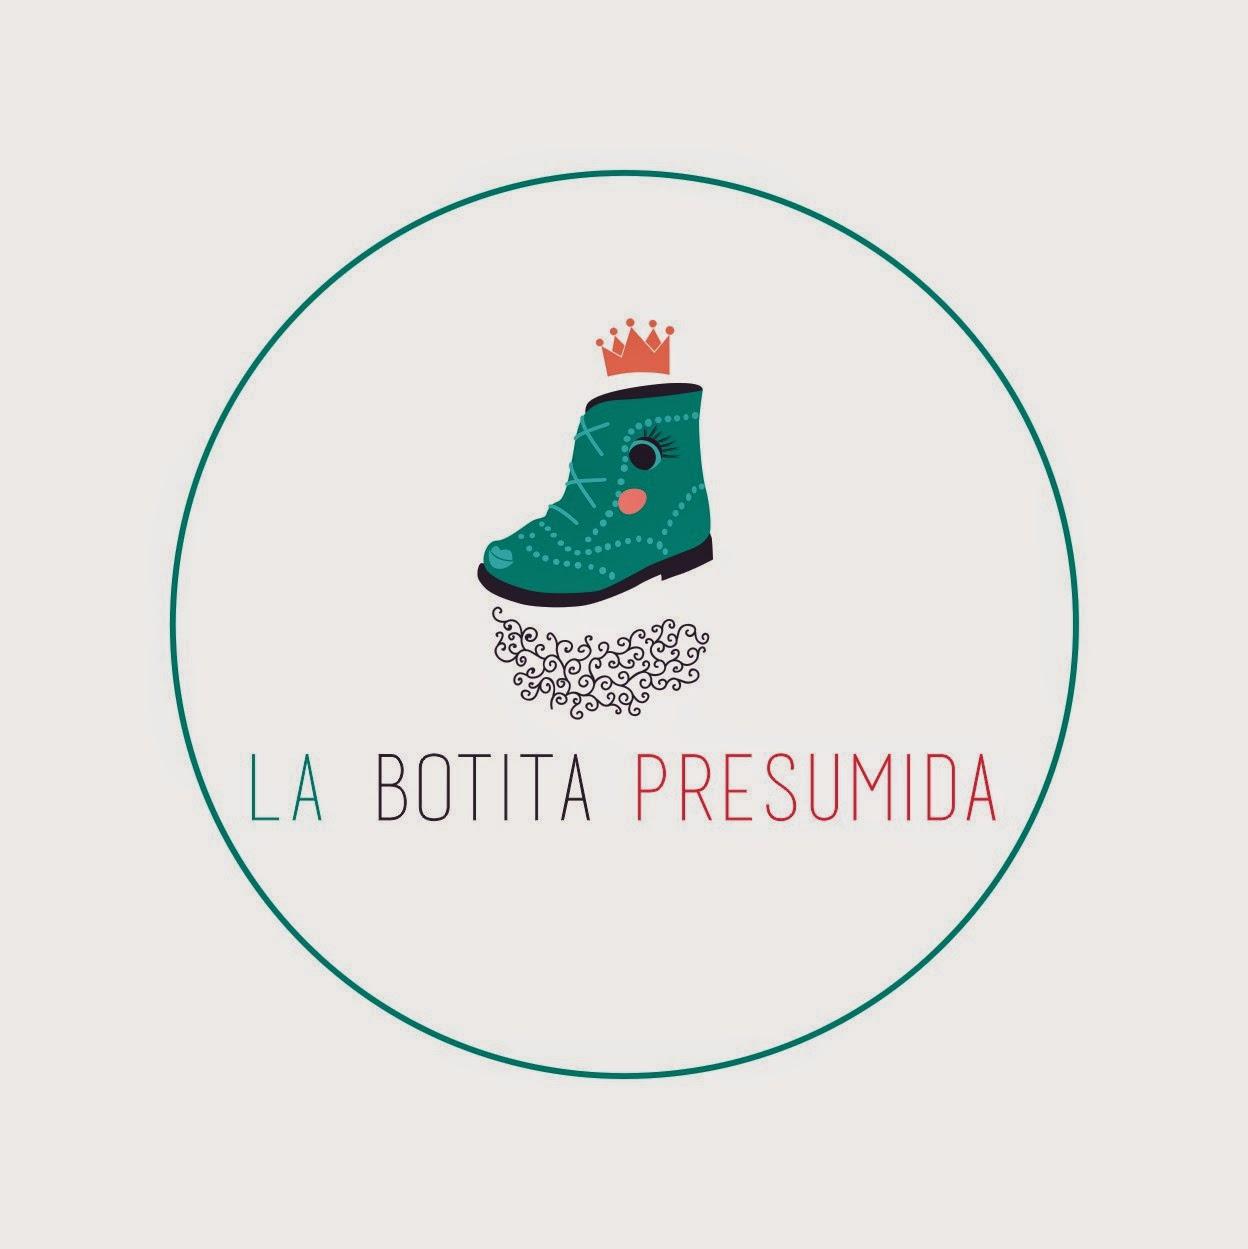 branding-logotipo-design-diseño-la-botita-presumida-zapateria-complementos-saron-tienda-niños-azul-rosa-bota-zapato-verde-ballena-elefante-nubes-coche-casas-botas-publicidad